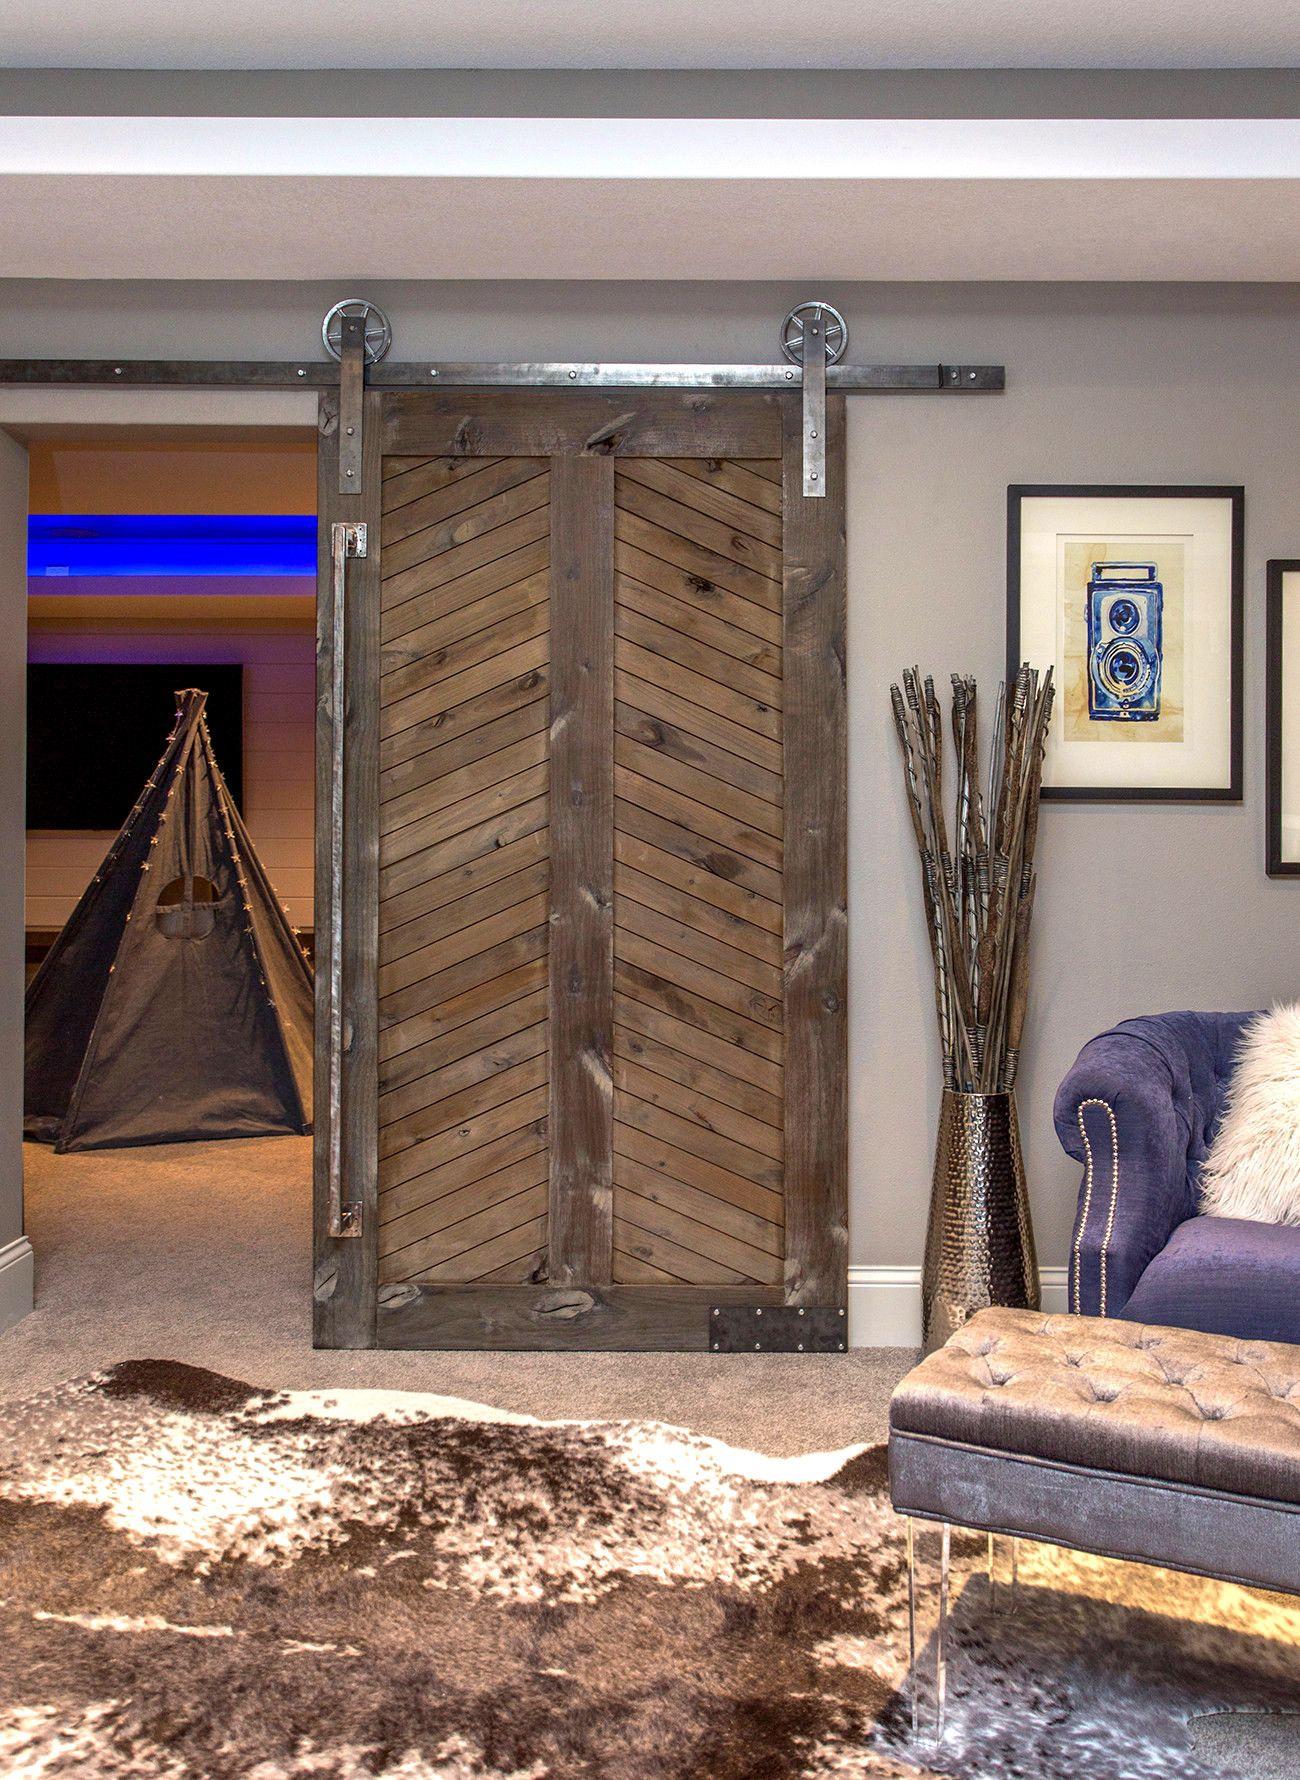 Diamond legacy barn door in 2019 barn door - How to make an interior sliding barn door ...